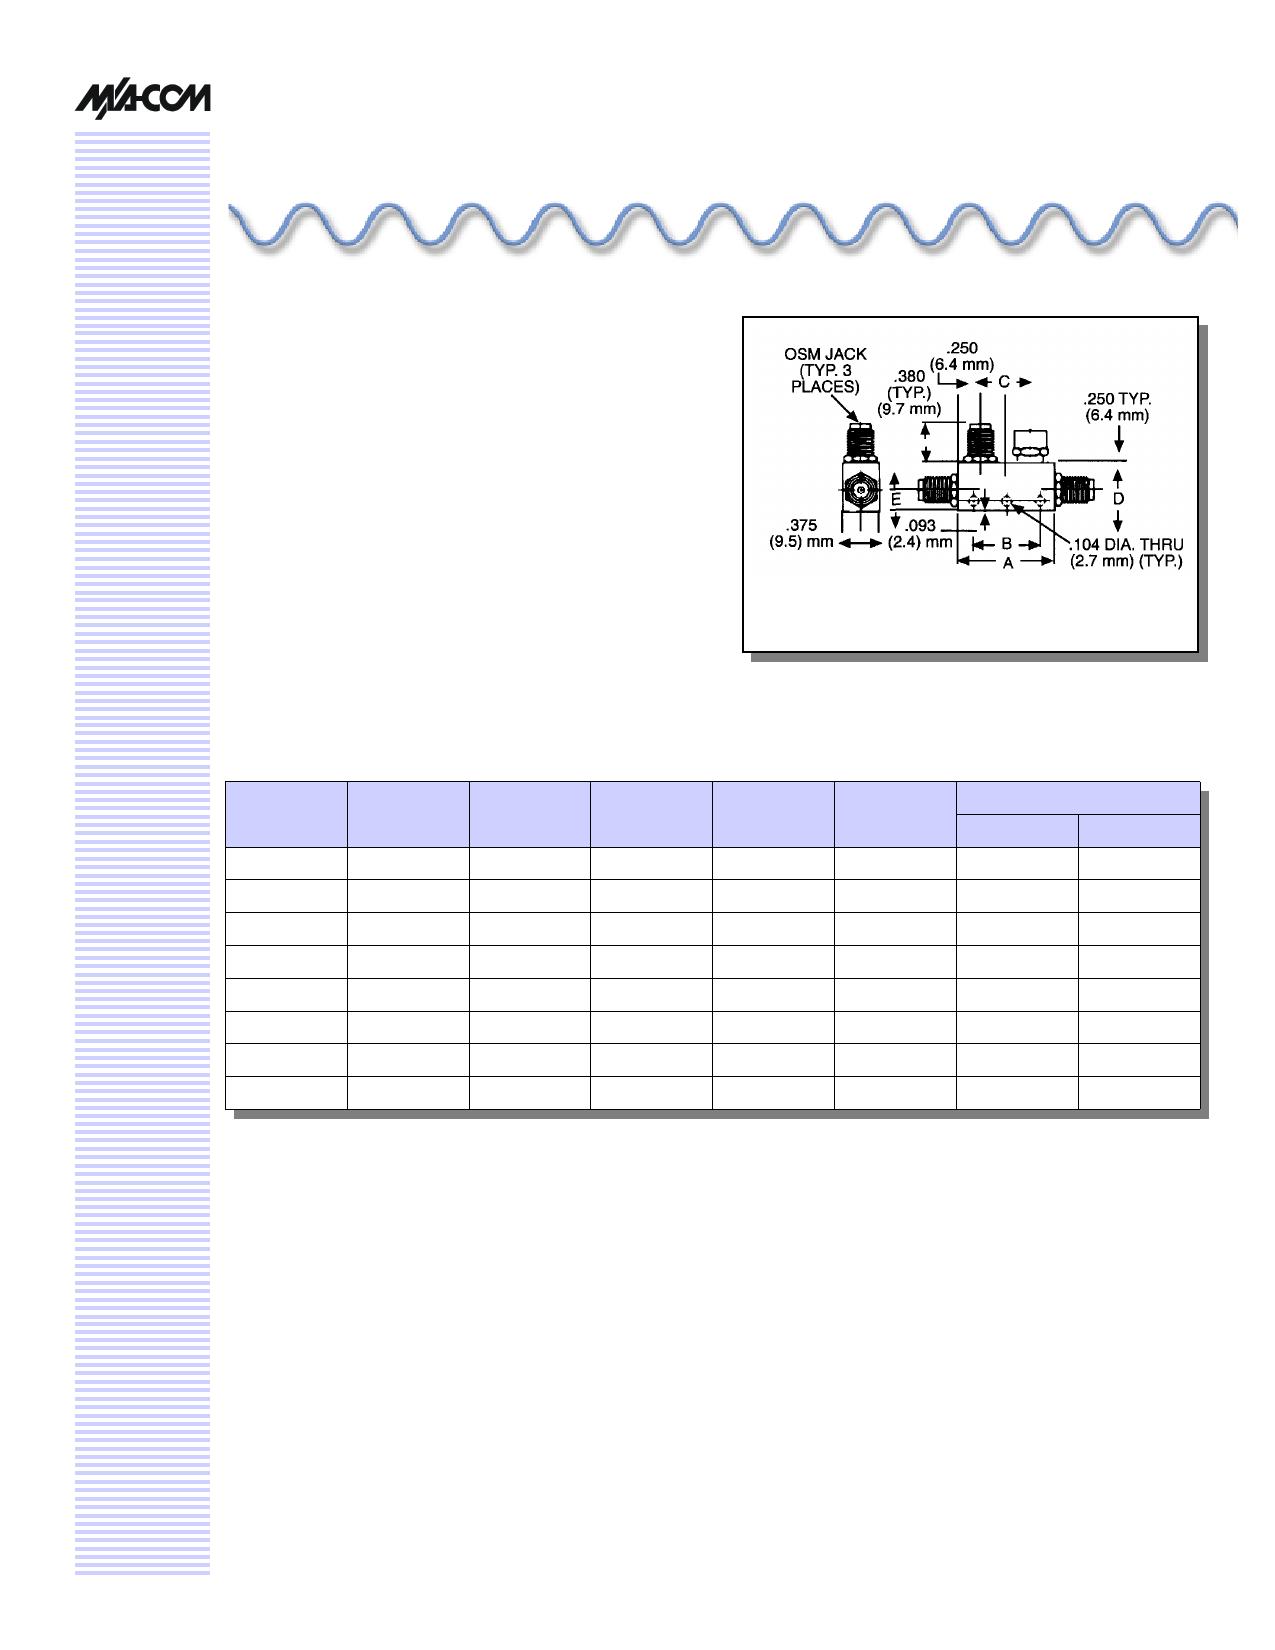 2020-6616-06 datasheet